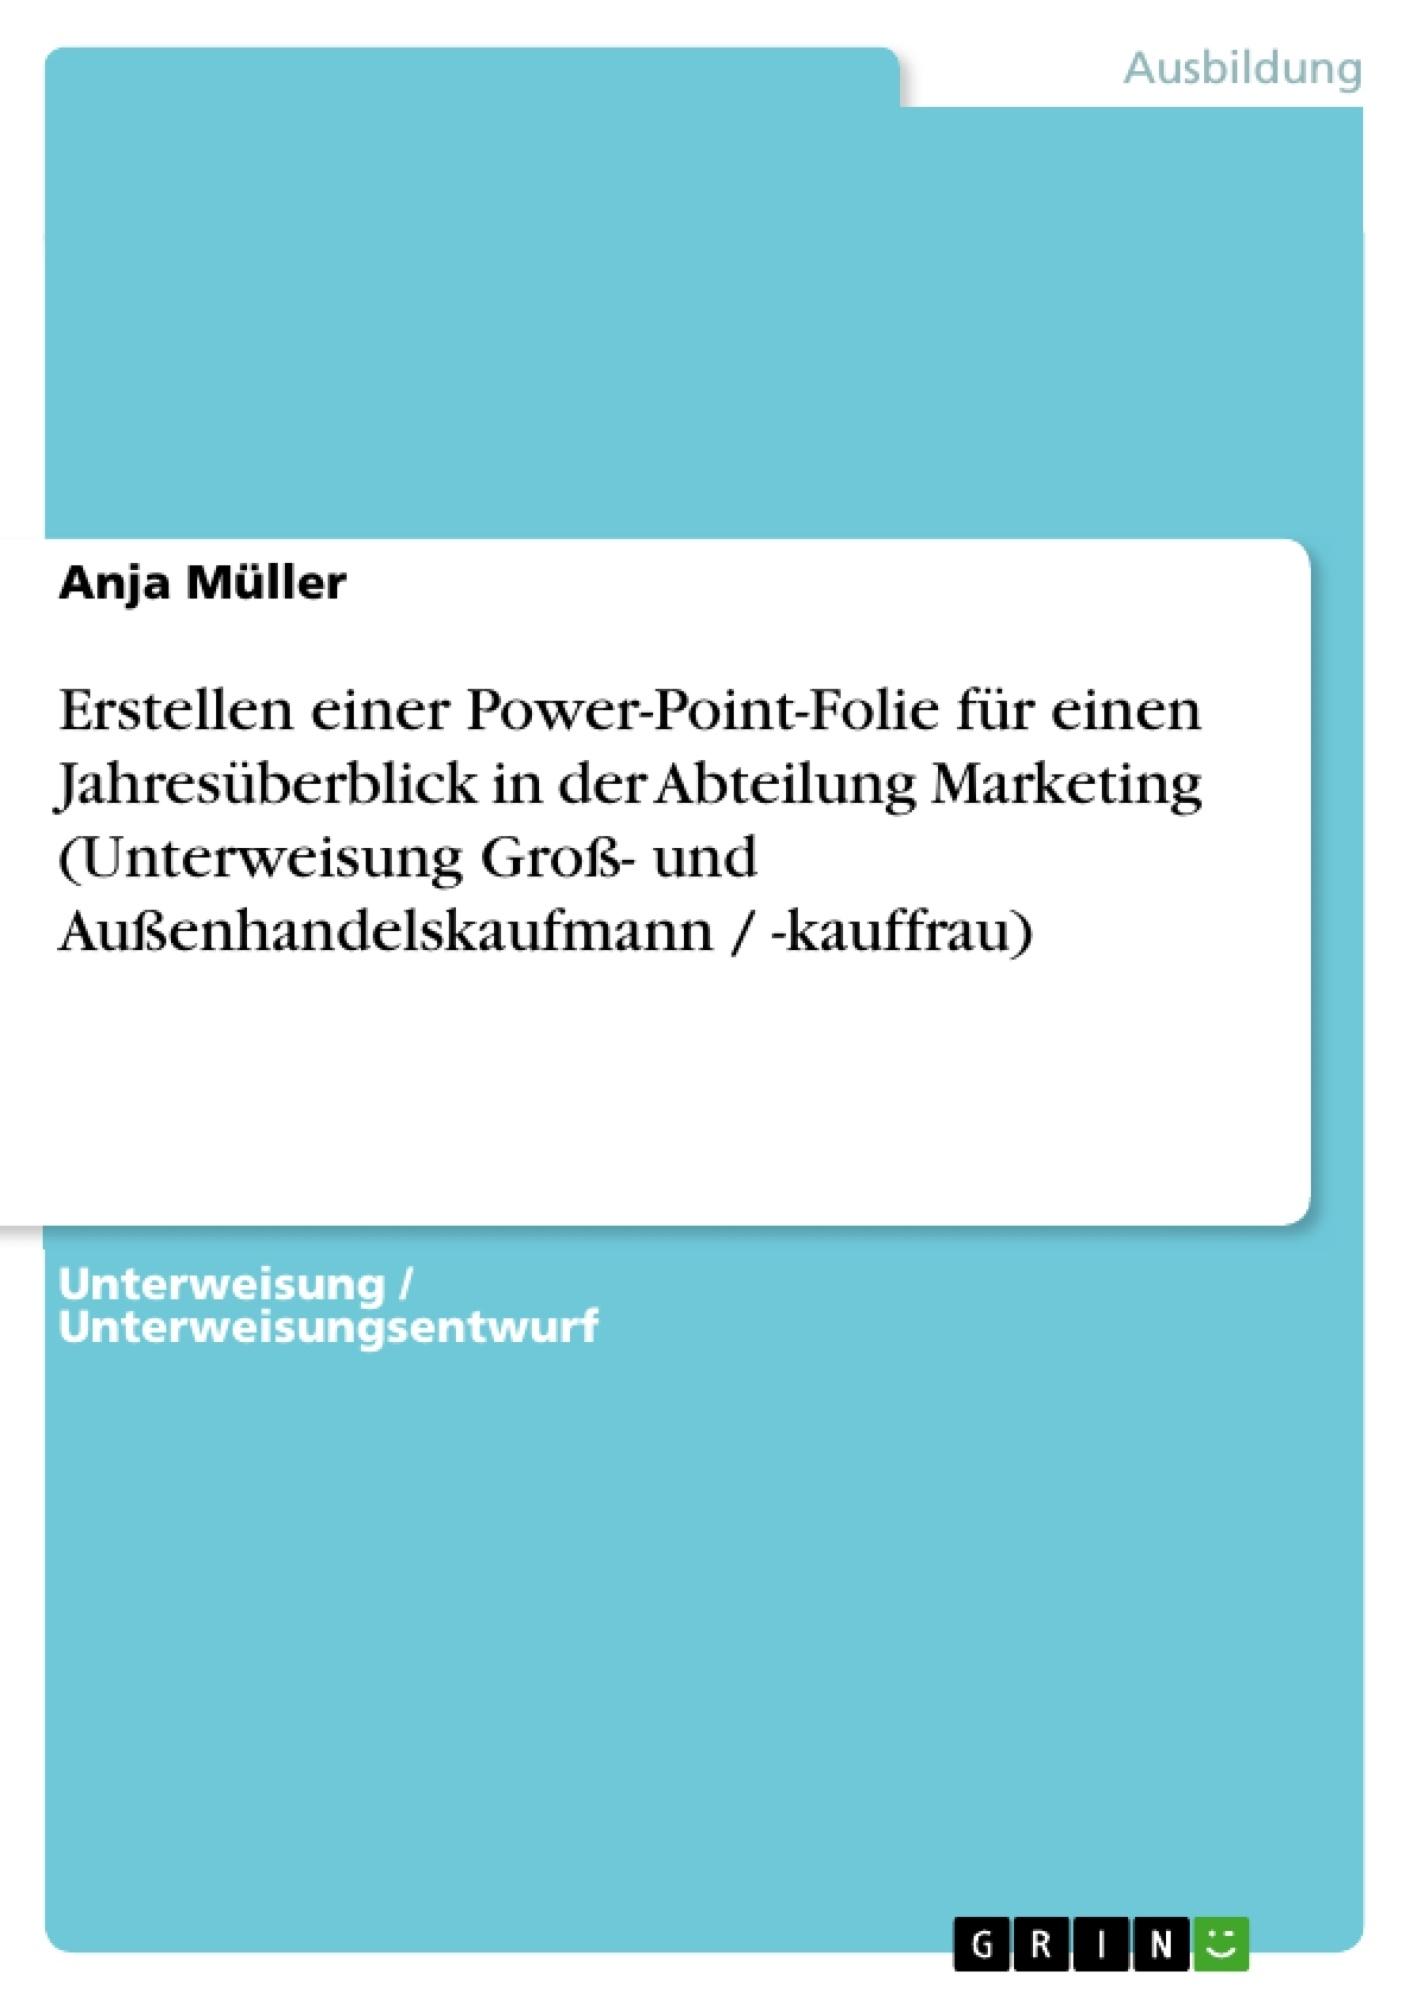 Titel: Erstellen einer Power-Point-Folie für einen Jahresüberblick in der Abteilung Marketing (Unterweisung Groß- und Außenhandelskaufmann / -kauffrau)